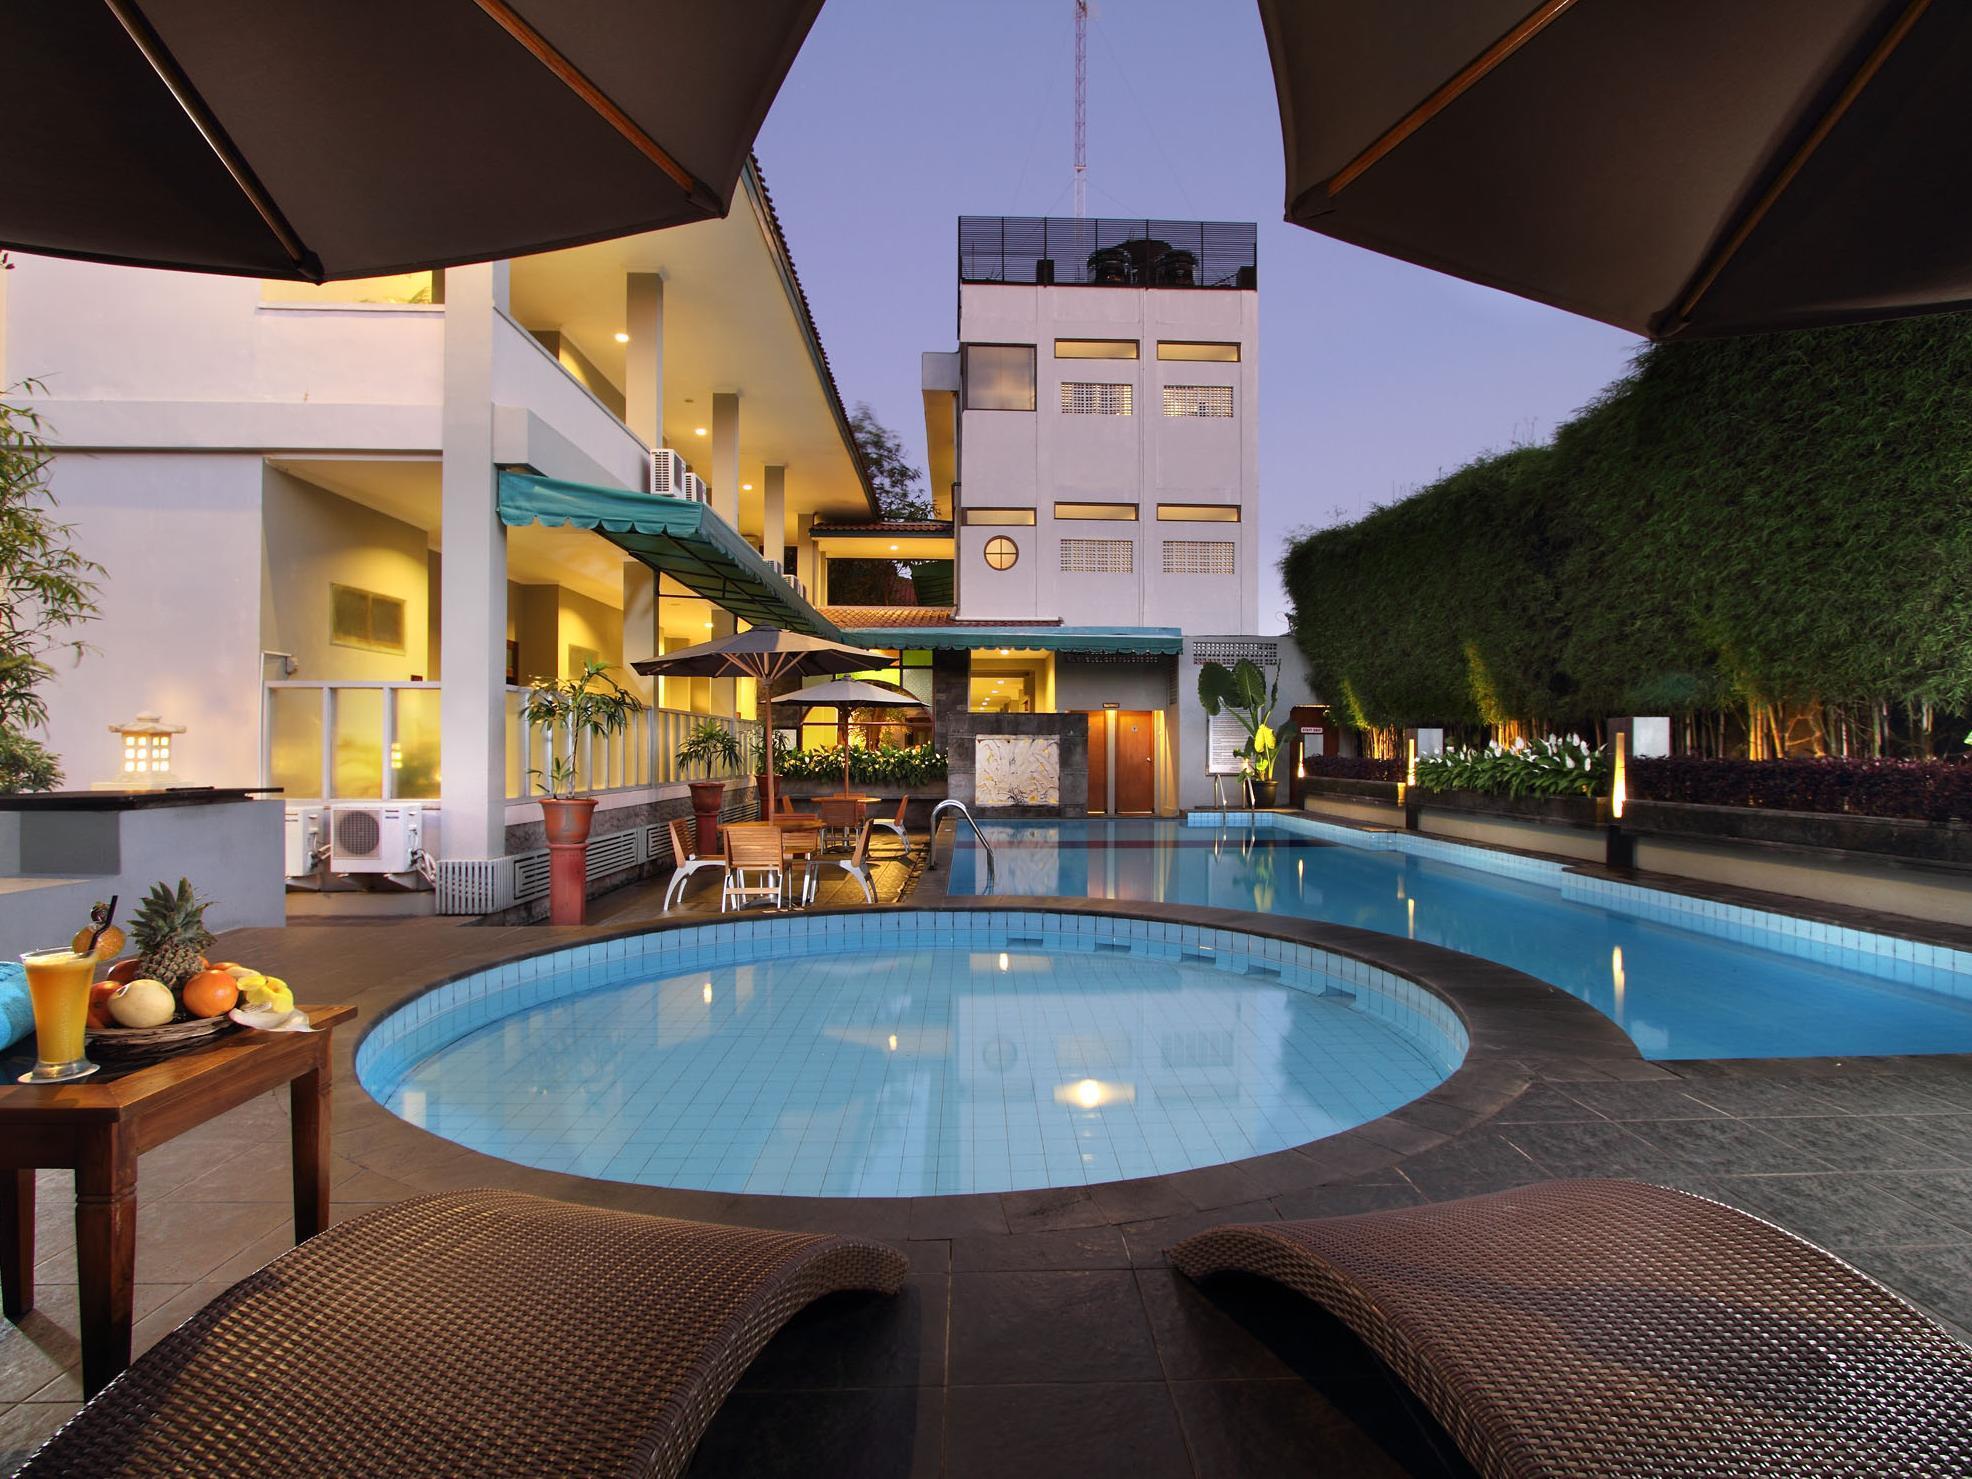 Cakra Kusuma Hotel - Yogyakarta